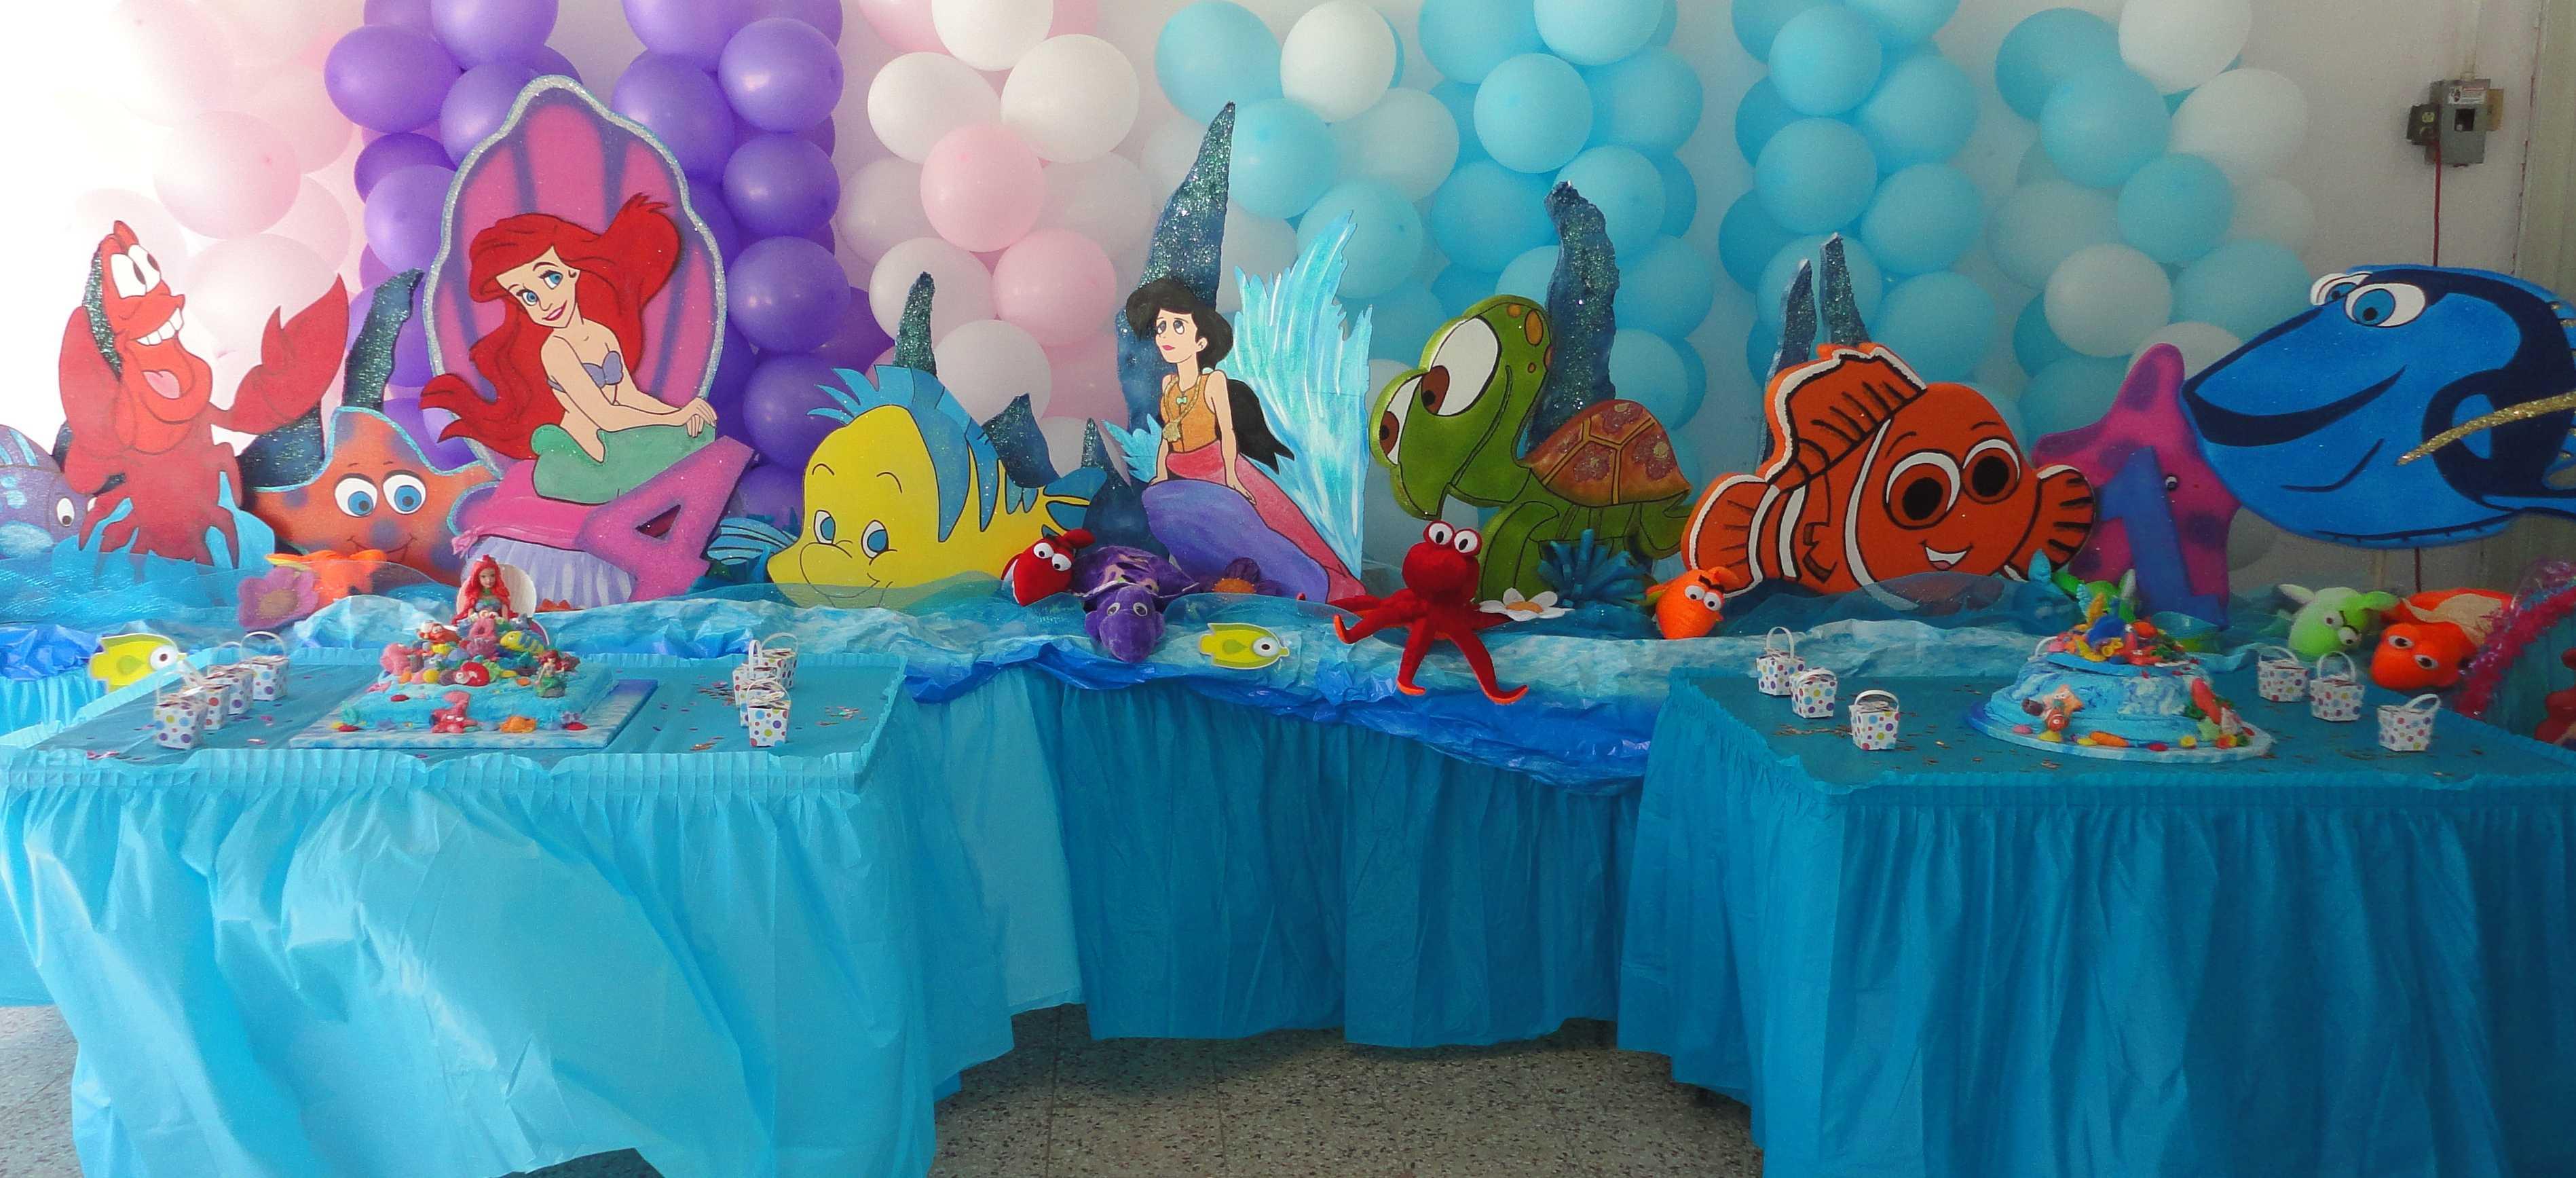 Disney Little Mermaid Ariel